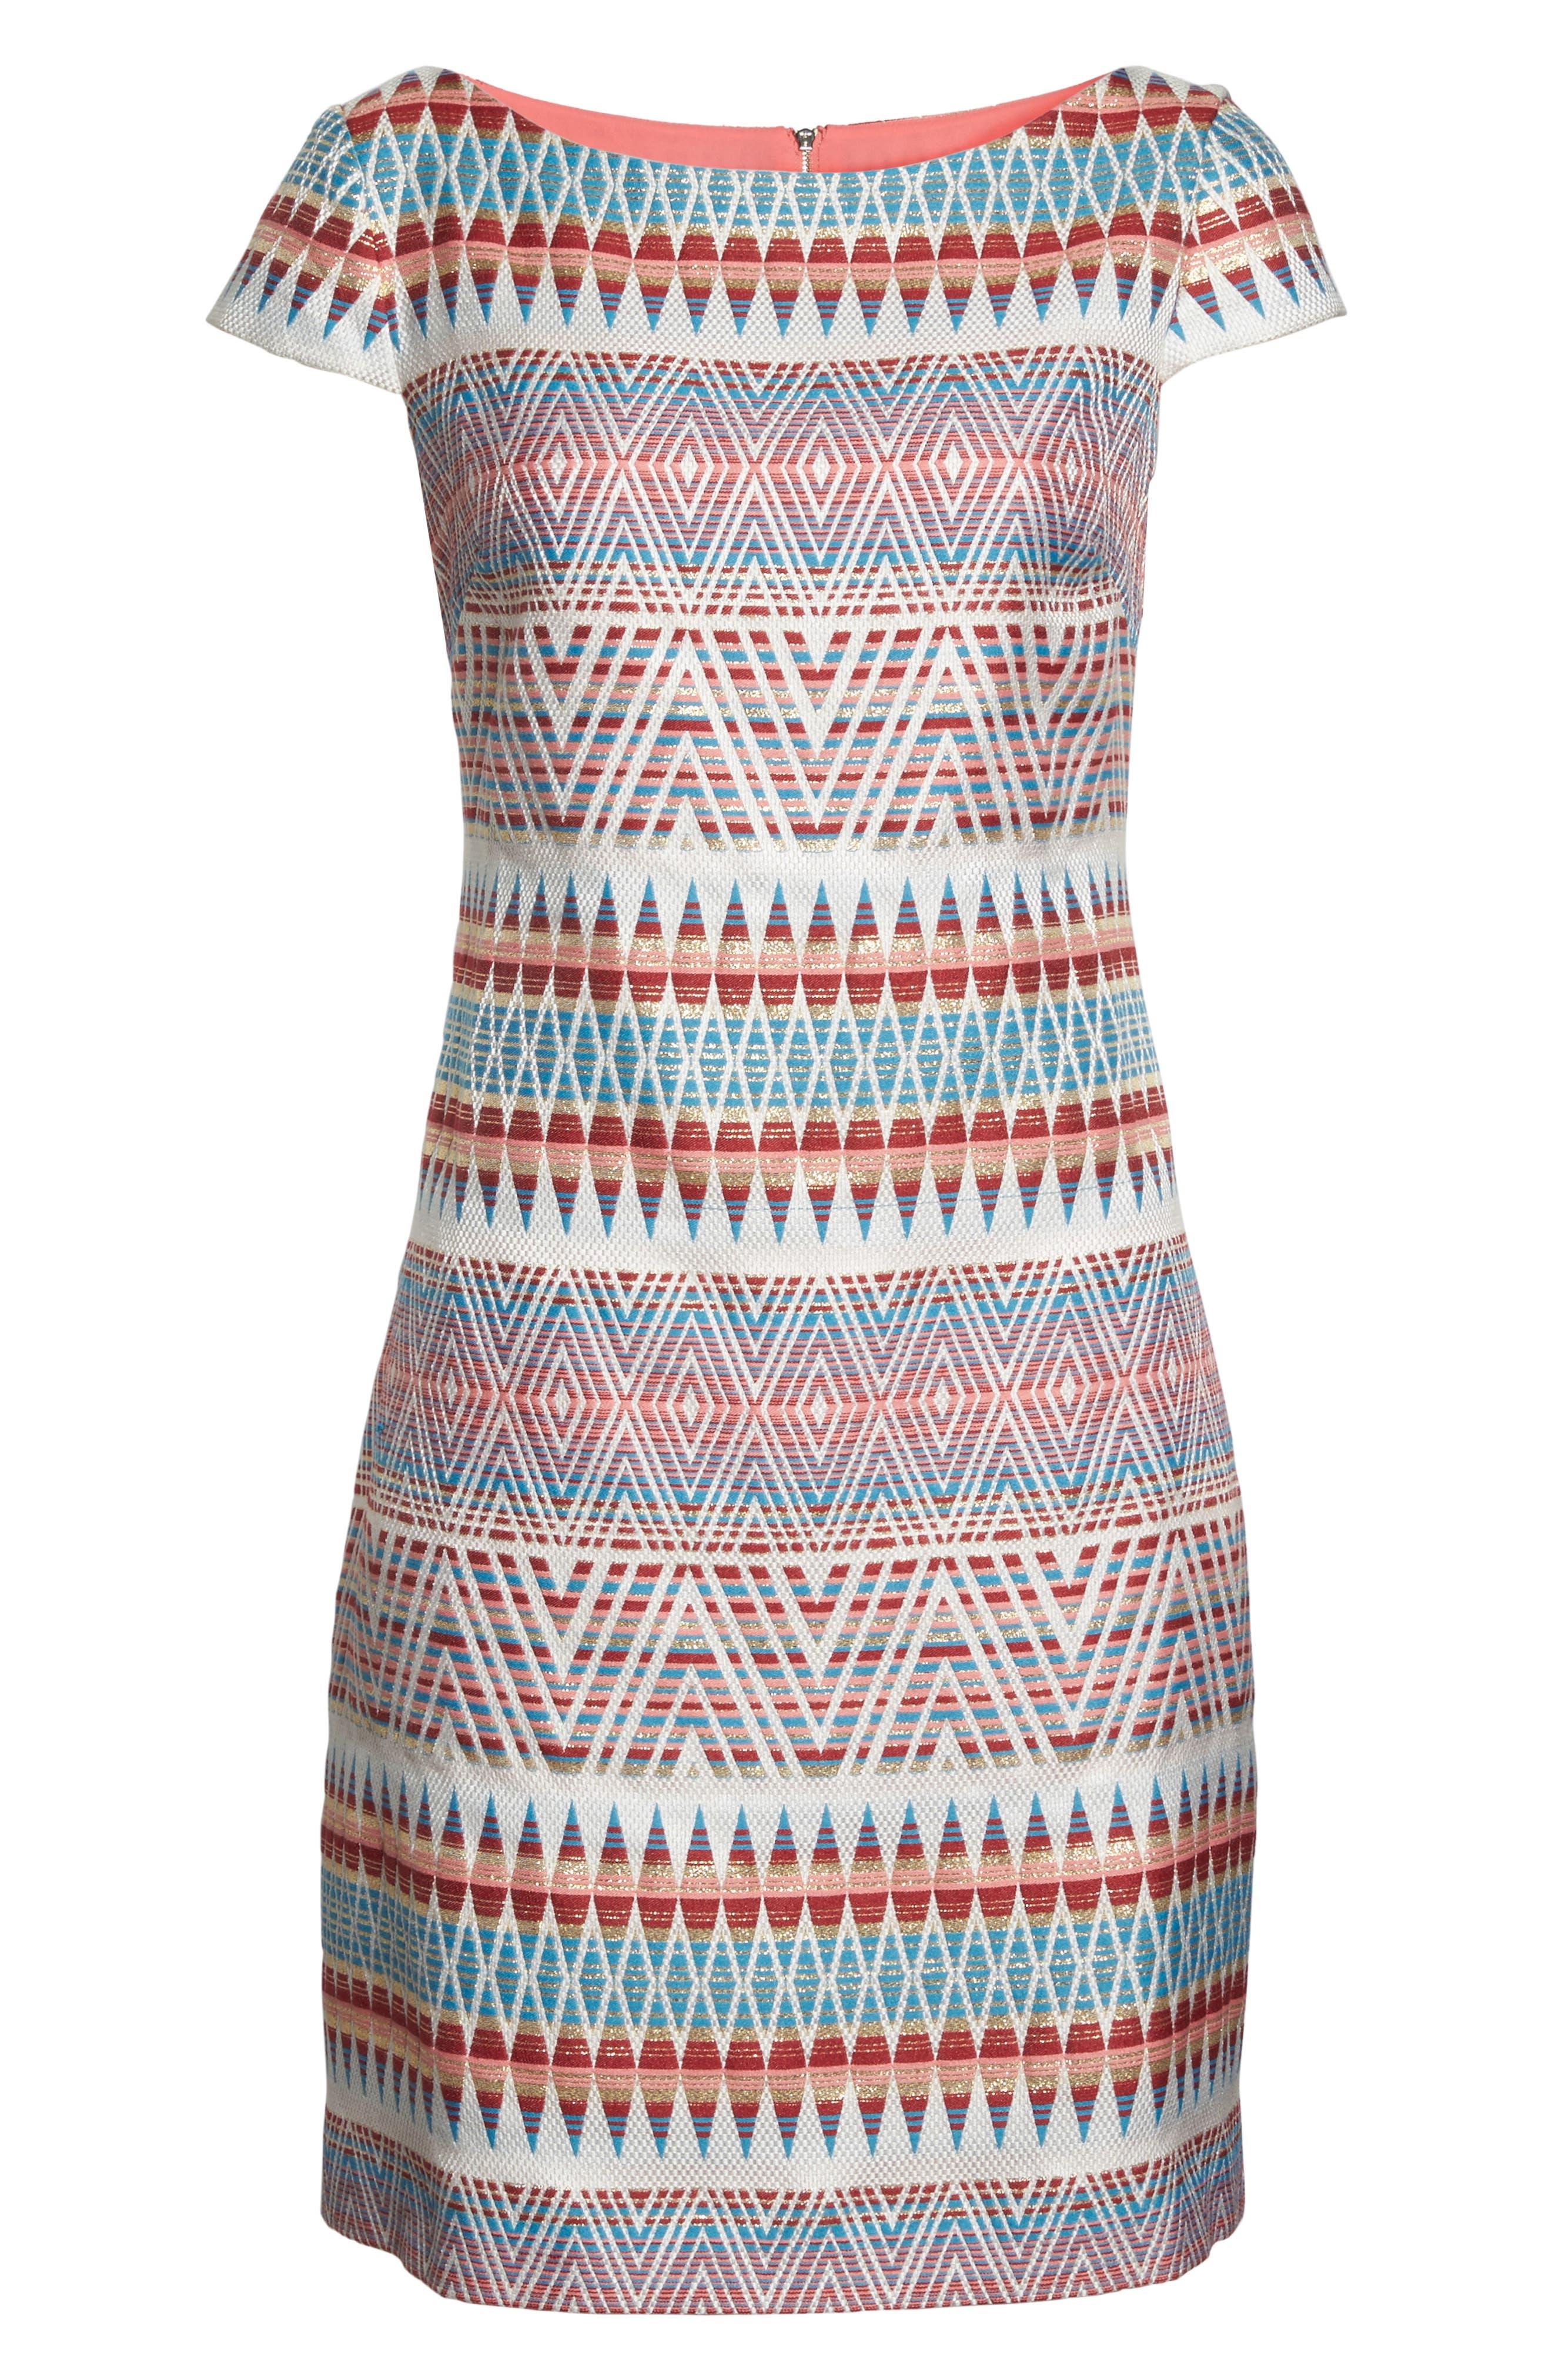 Jacquard Sheath Dress,                             Alternate thumbnail 6, color,                             Coral Multi